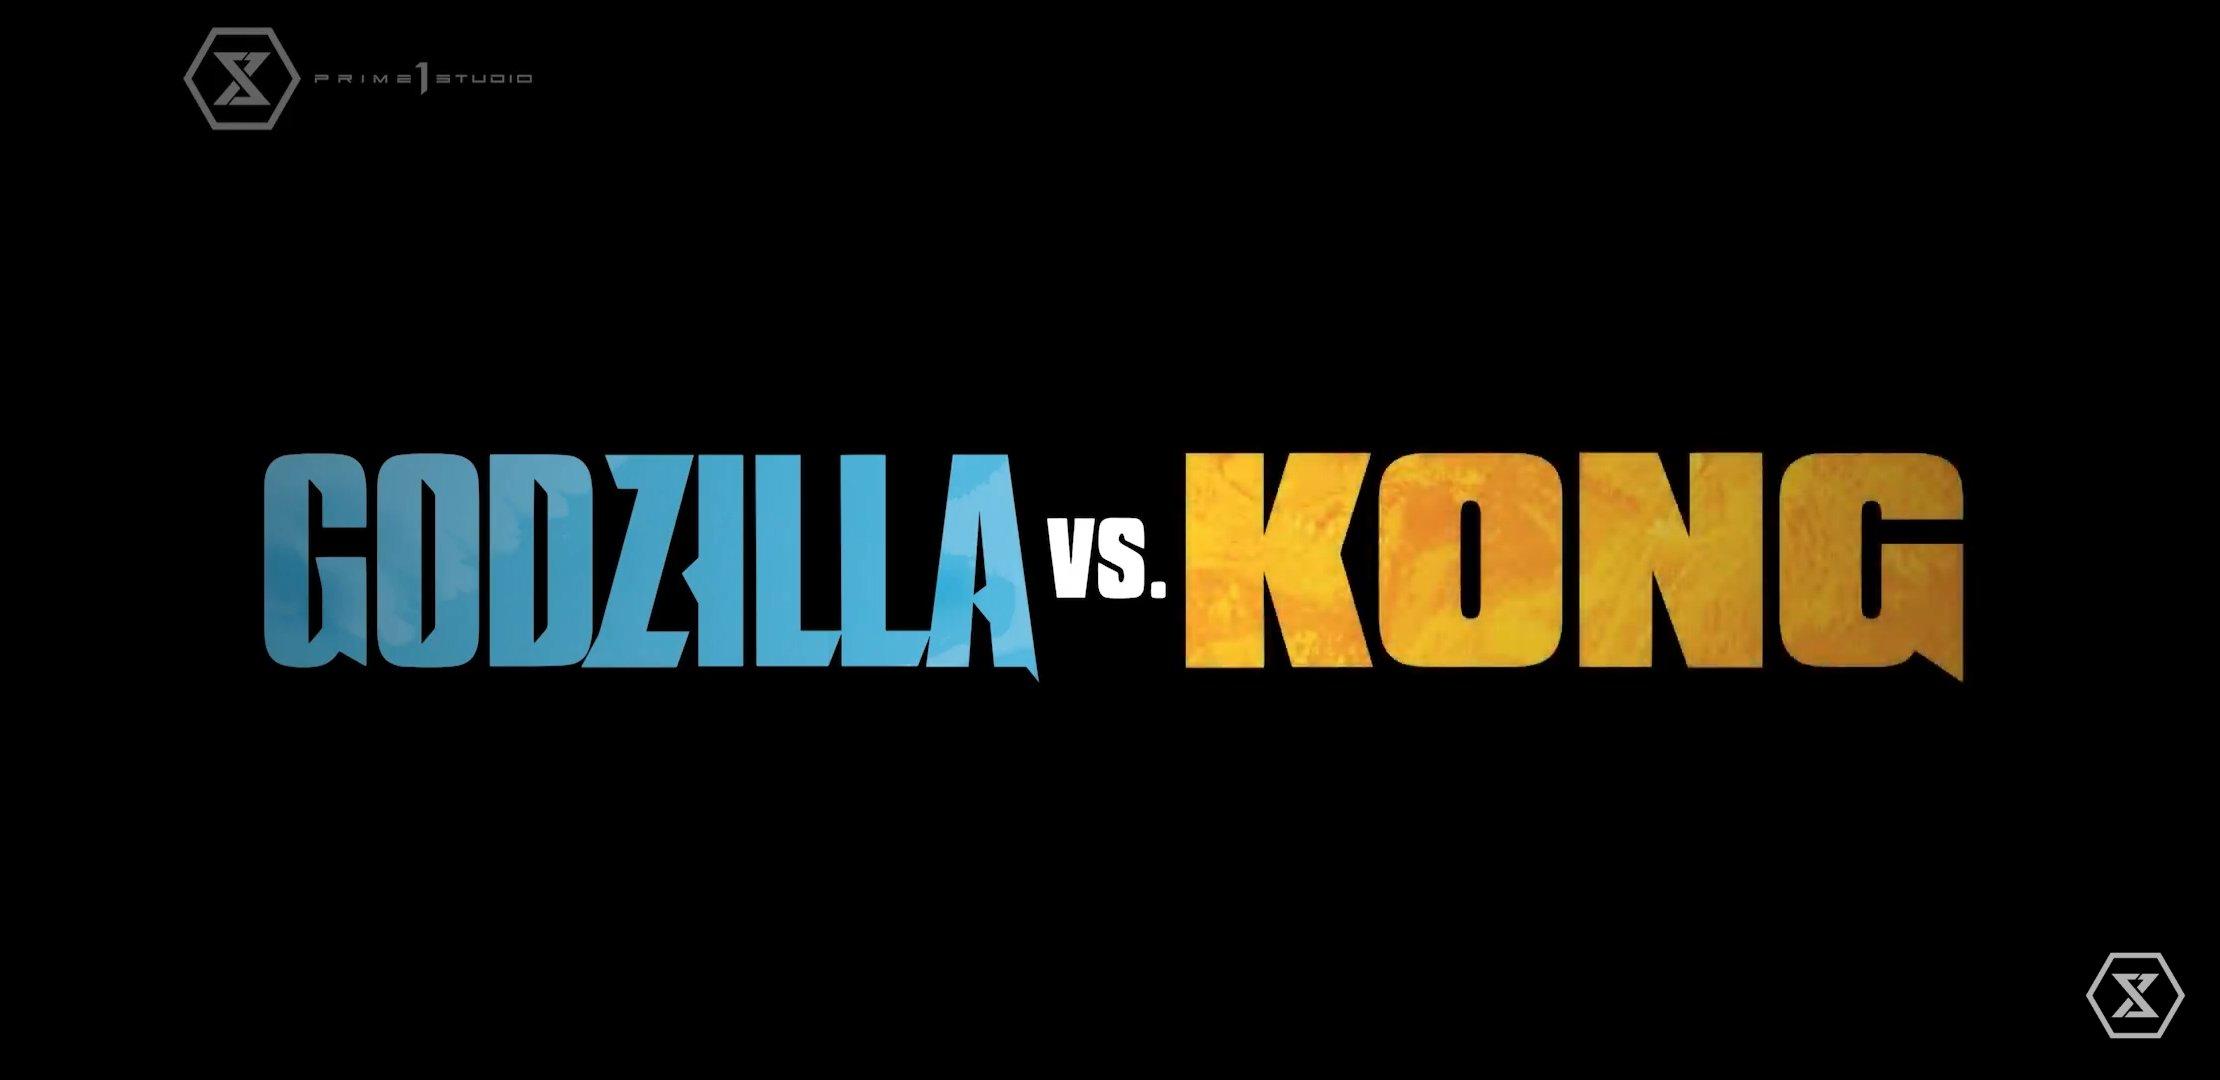 logo godzilla vs kingkong designe